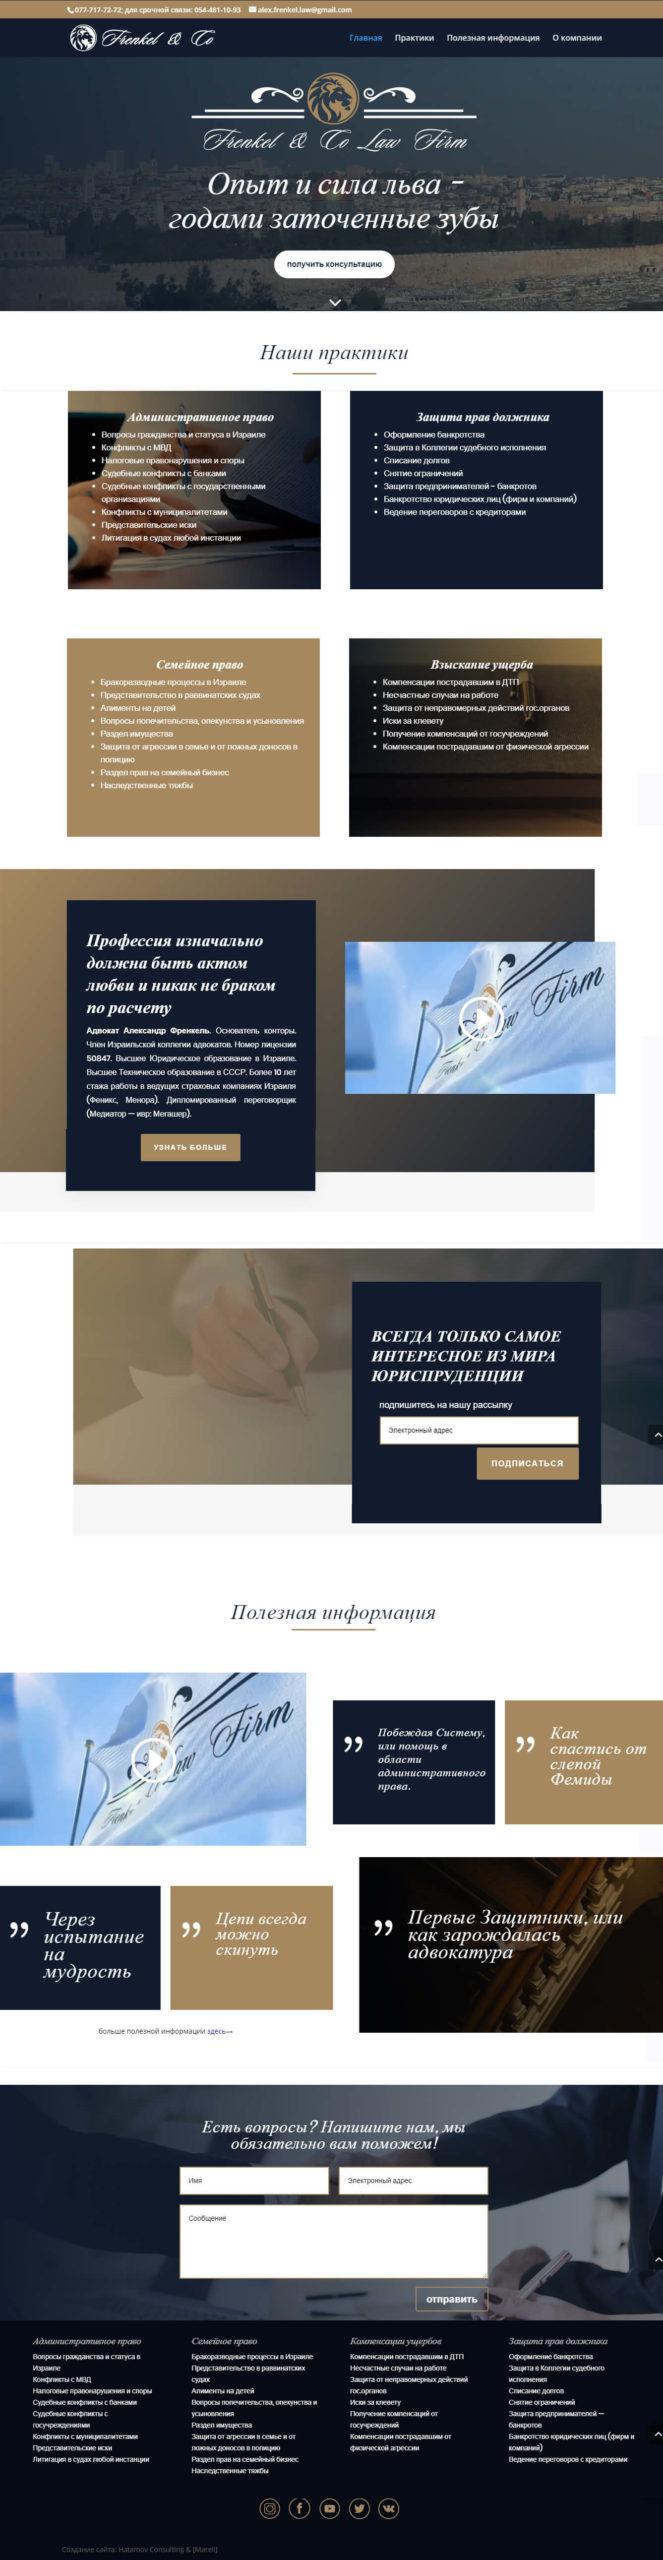 Многостраничный сайт для адвоката А.Френкеля 7